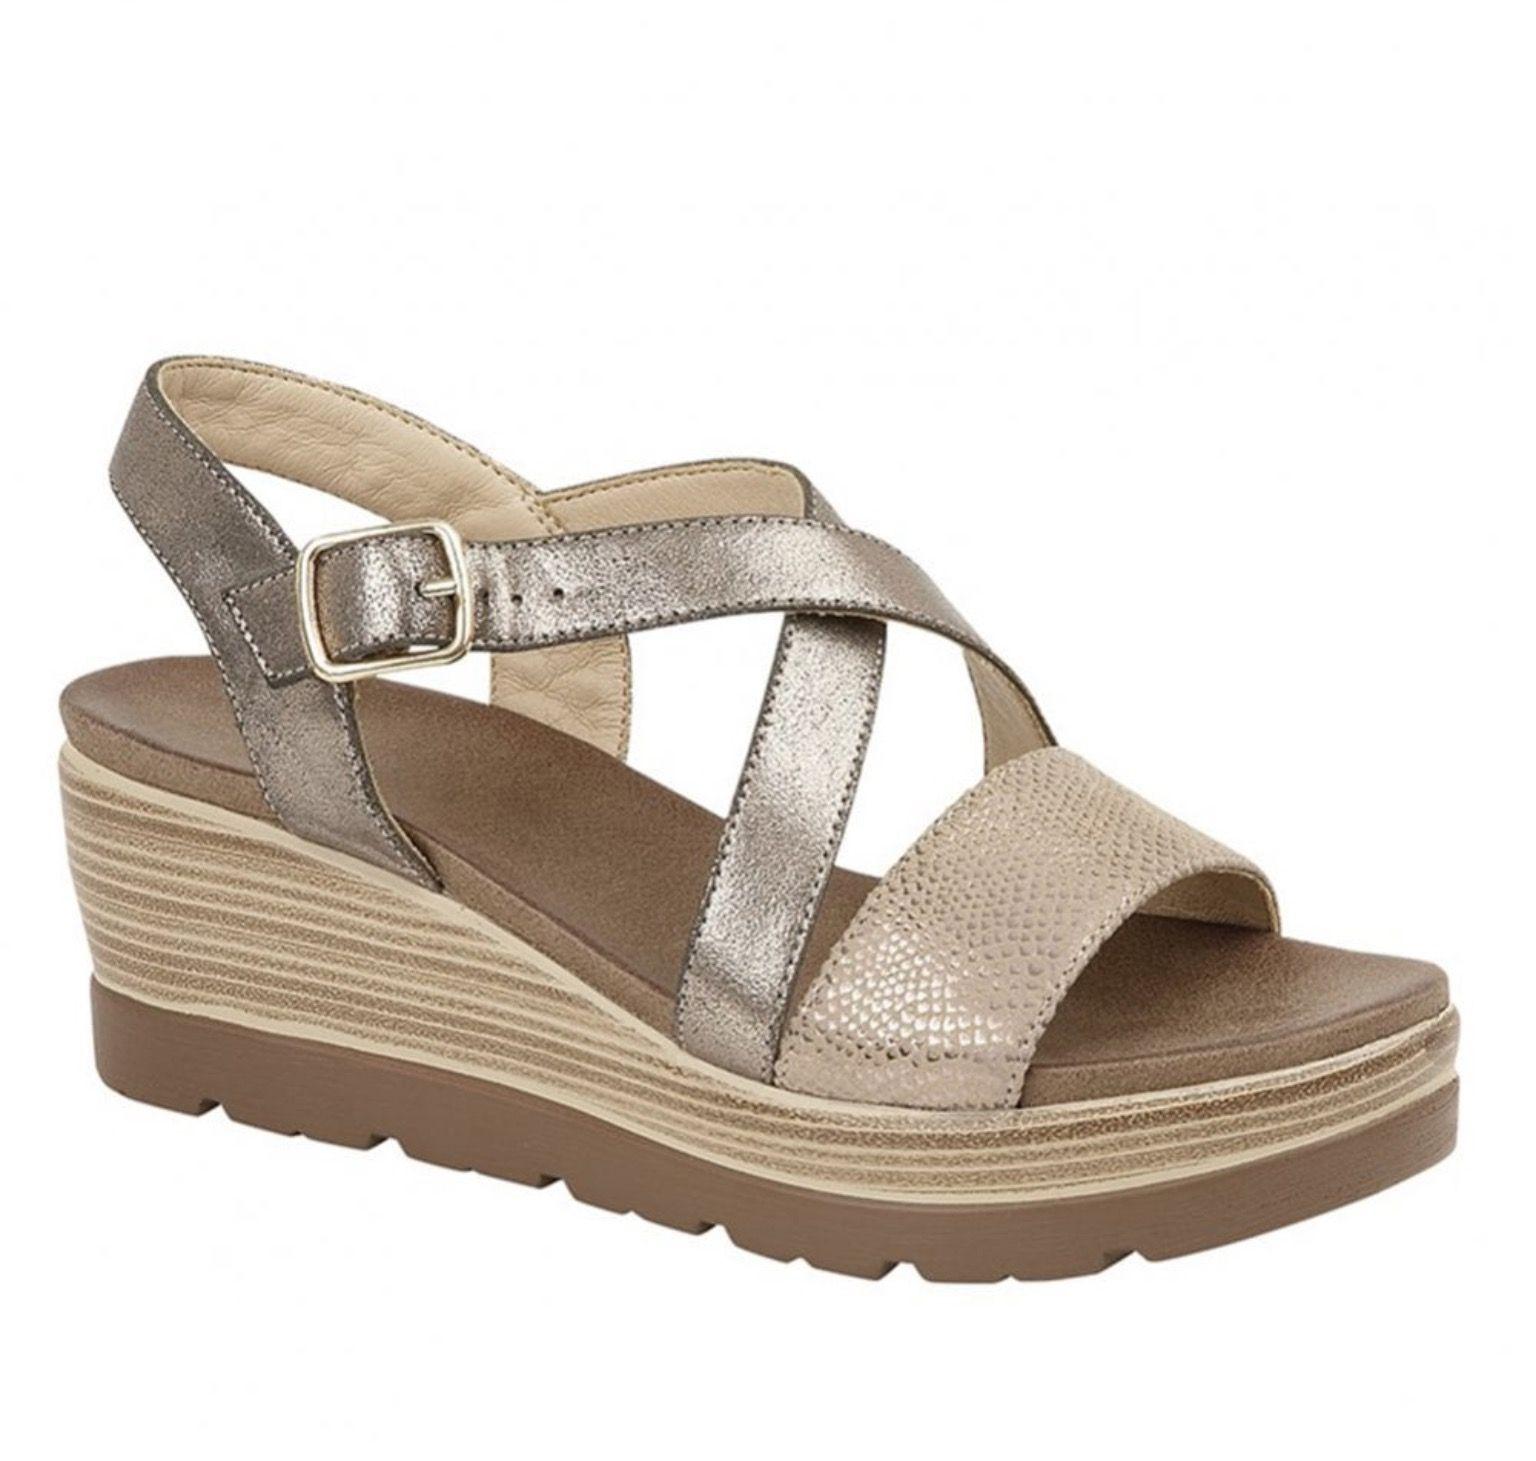 Cipriata Silver Wedge Sandal